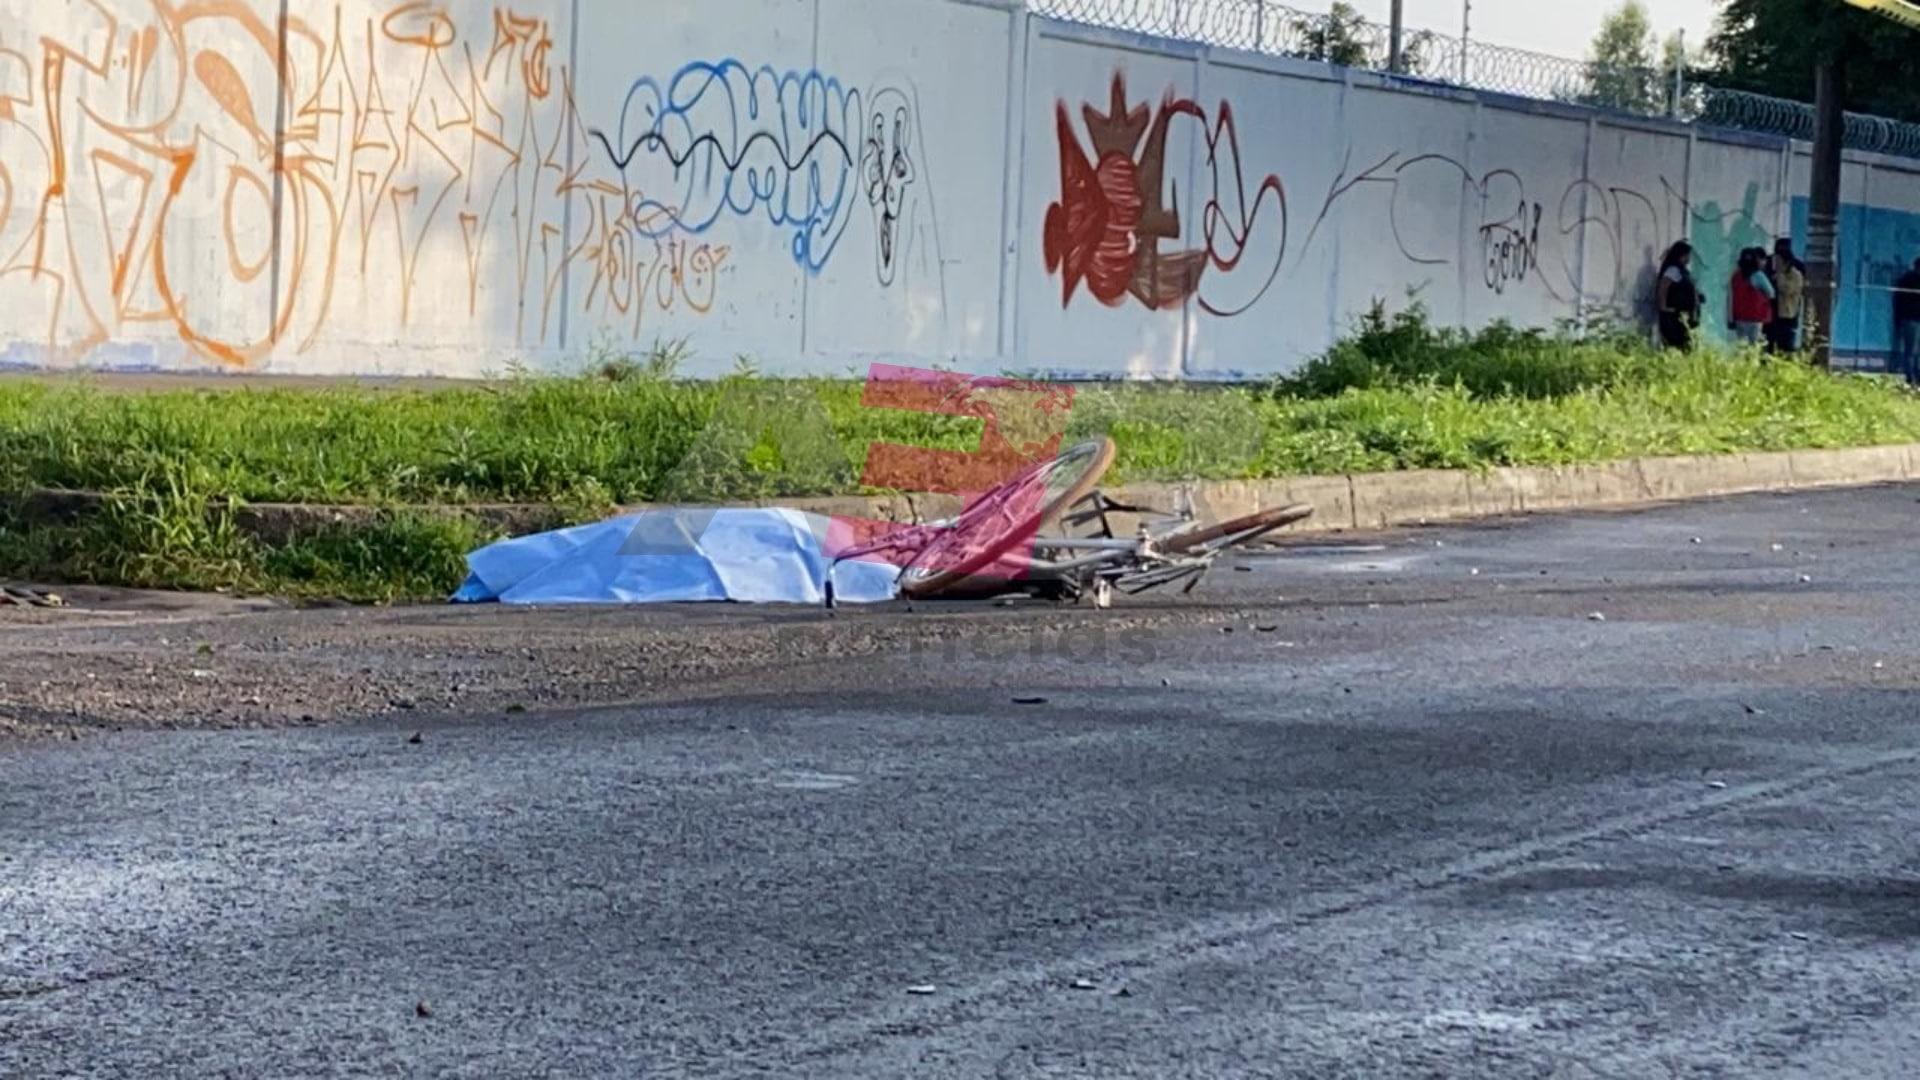 Muere ciclista tras ser impactado por otro vehículo en avenida de Los Insurgentes 1